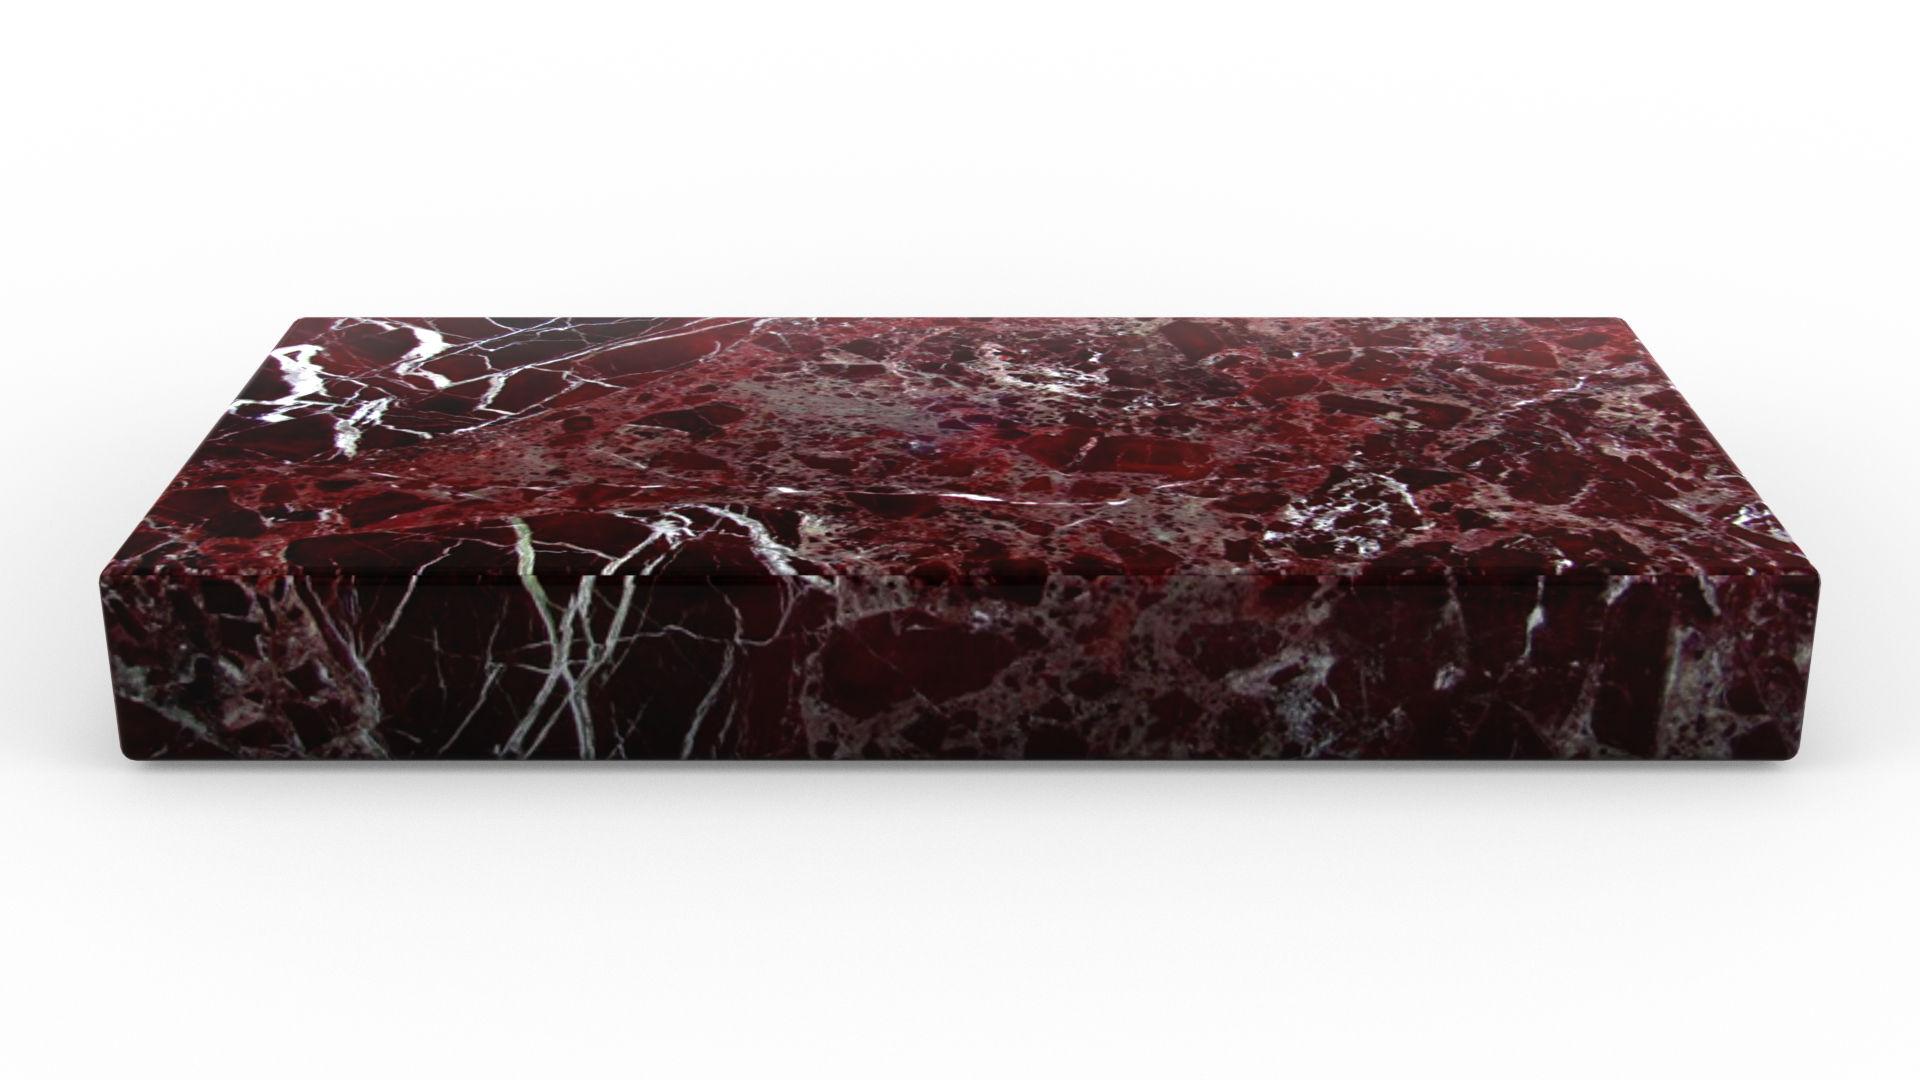 Le retour du mobilier en marbre avec une table basse en marbre rosso Lepanto